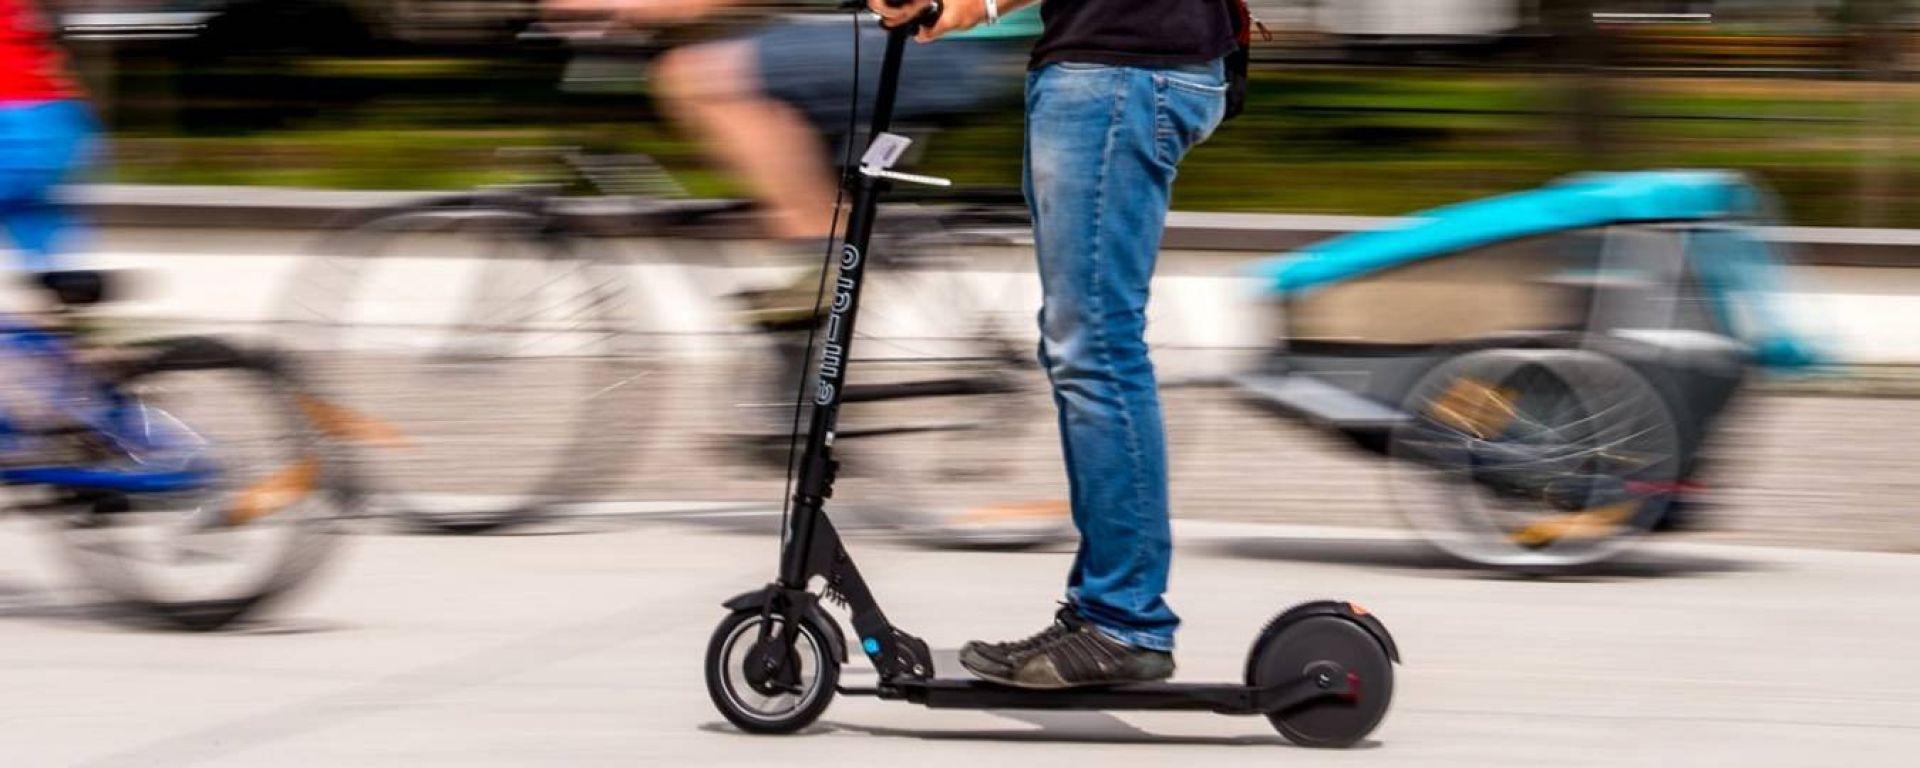 Decreto Rilancio, incentivi a bici e monopattini